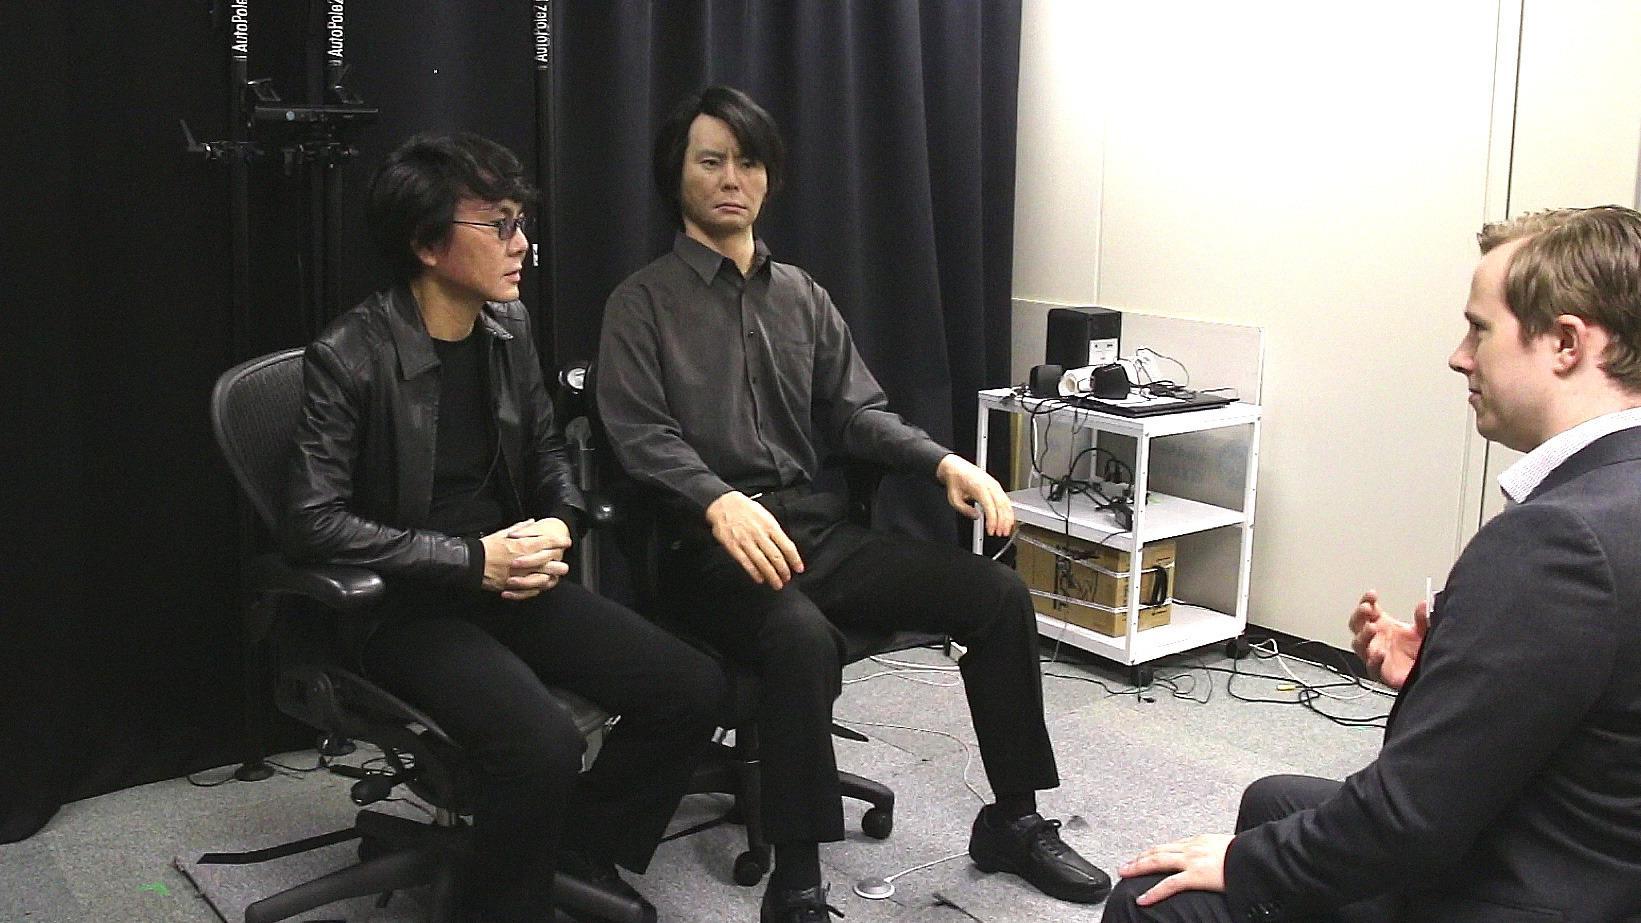 Det viste seg å være lettere enn vi forventet å skille ad den levende professor Ishiguro og hans Geminoid.Foto: Hardware.no